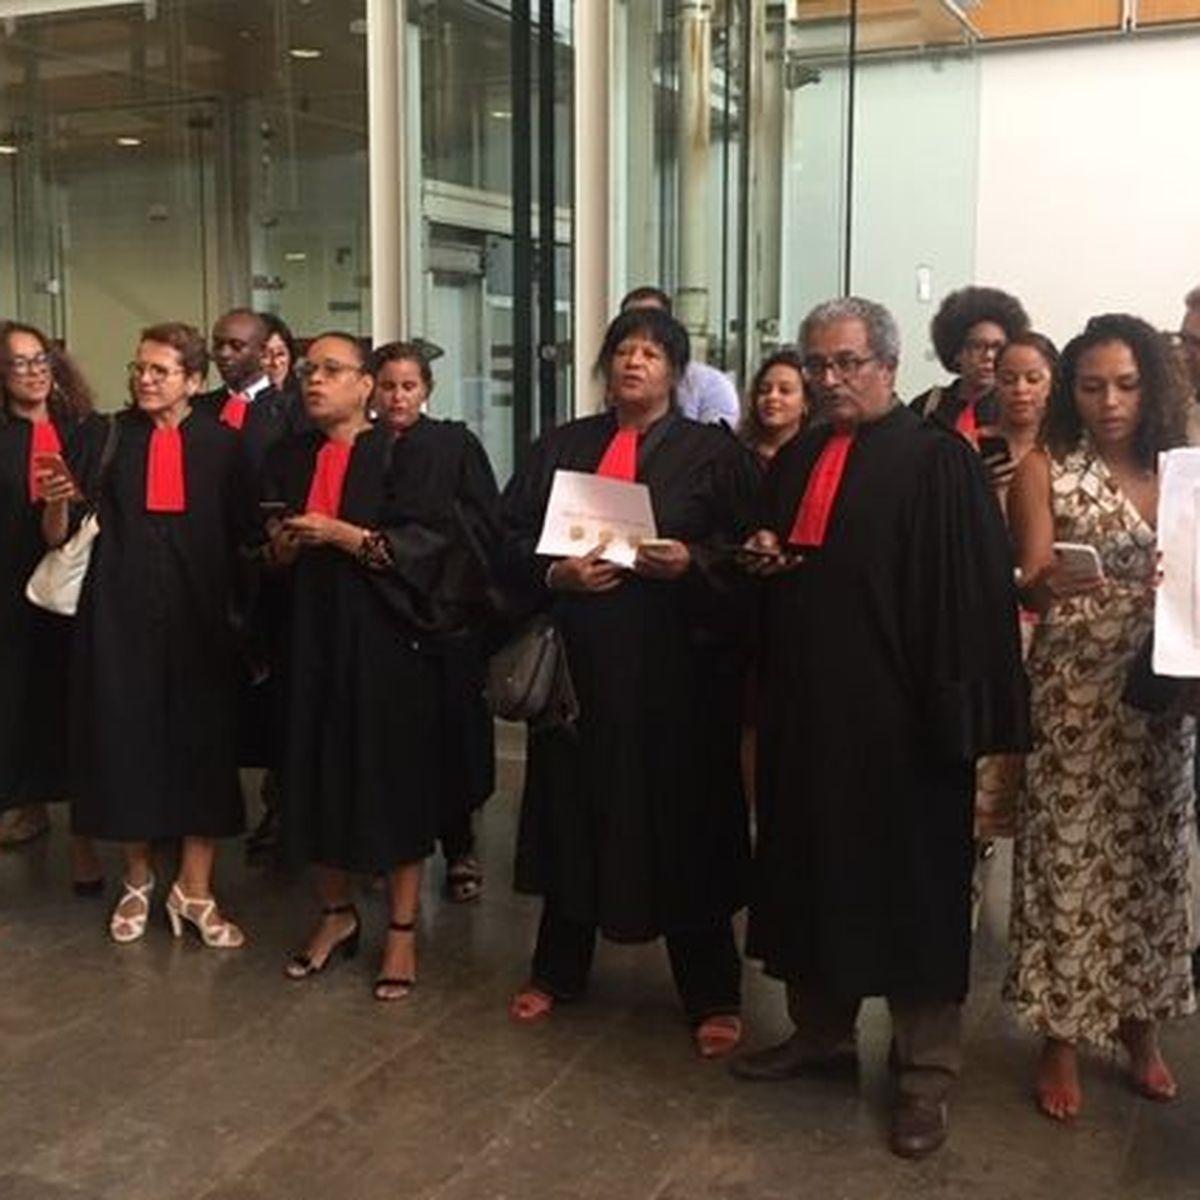 Réforme des retraites : les avocats de Martinique protestent en chantant